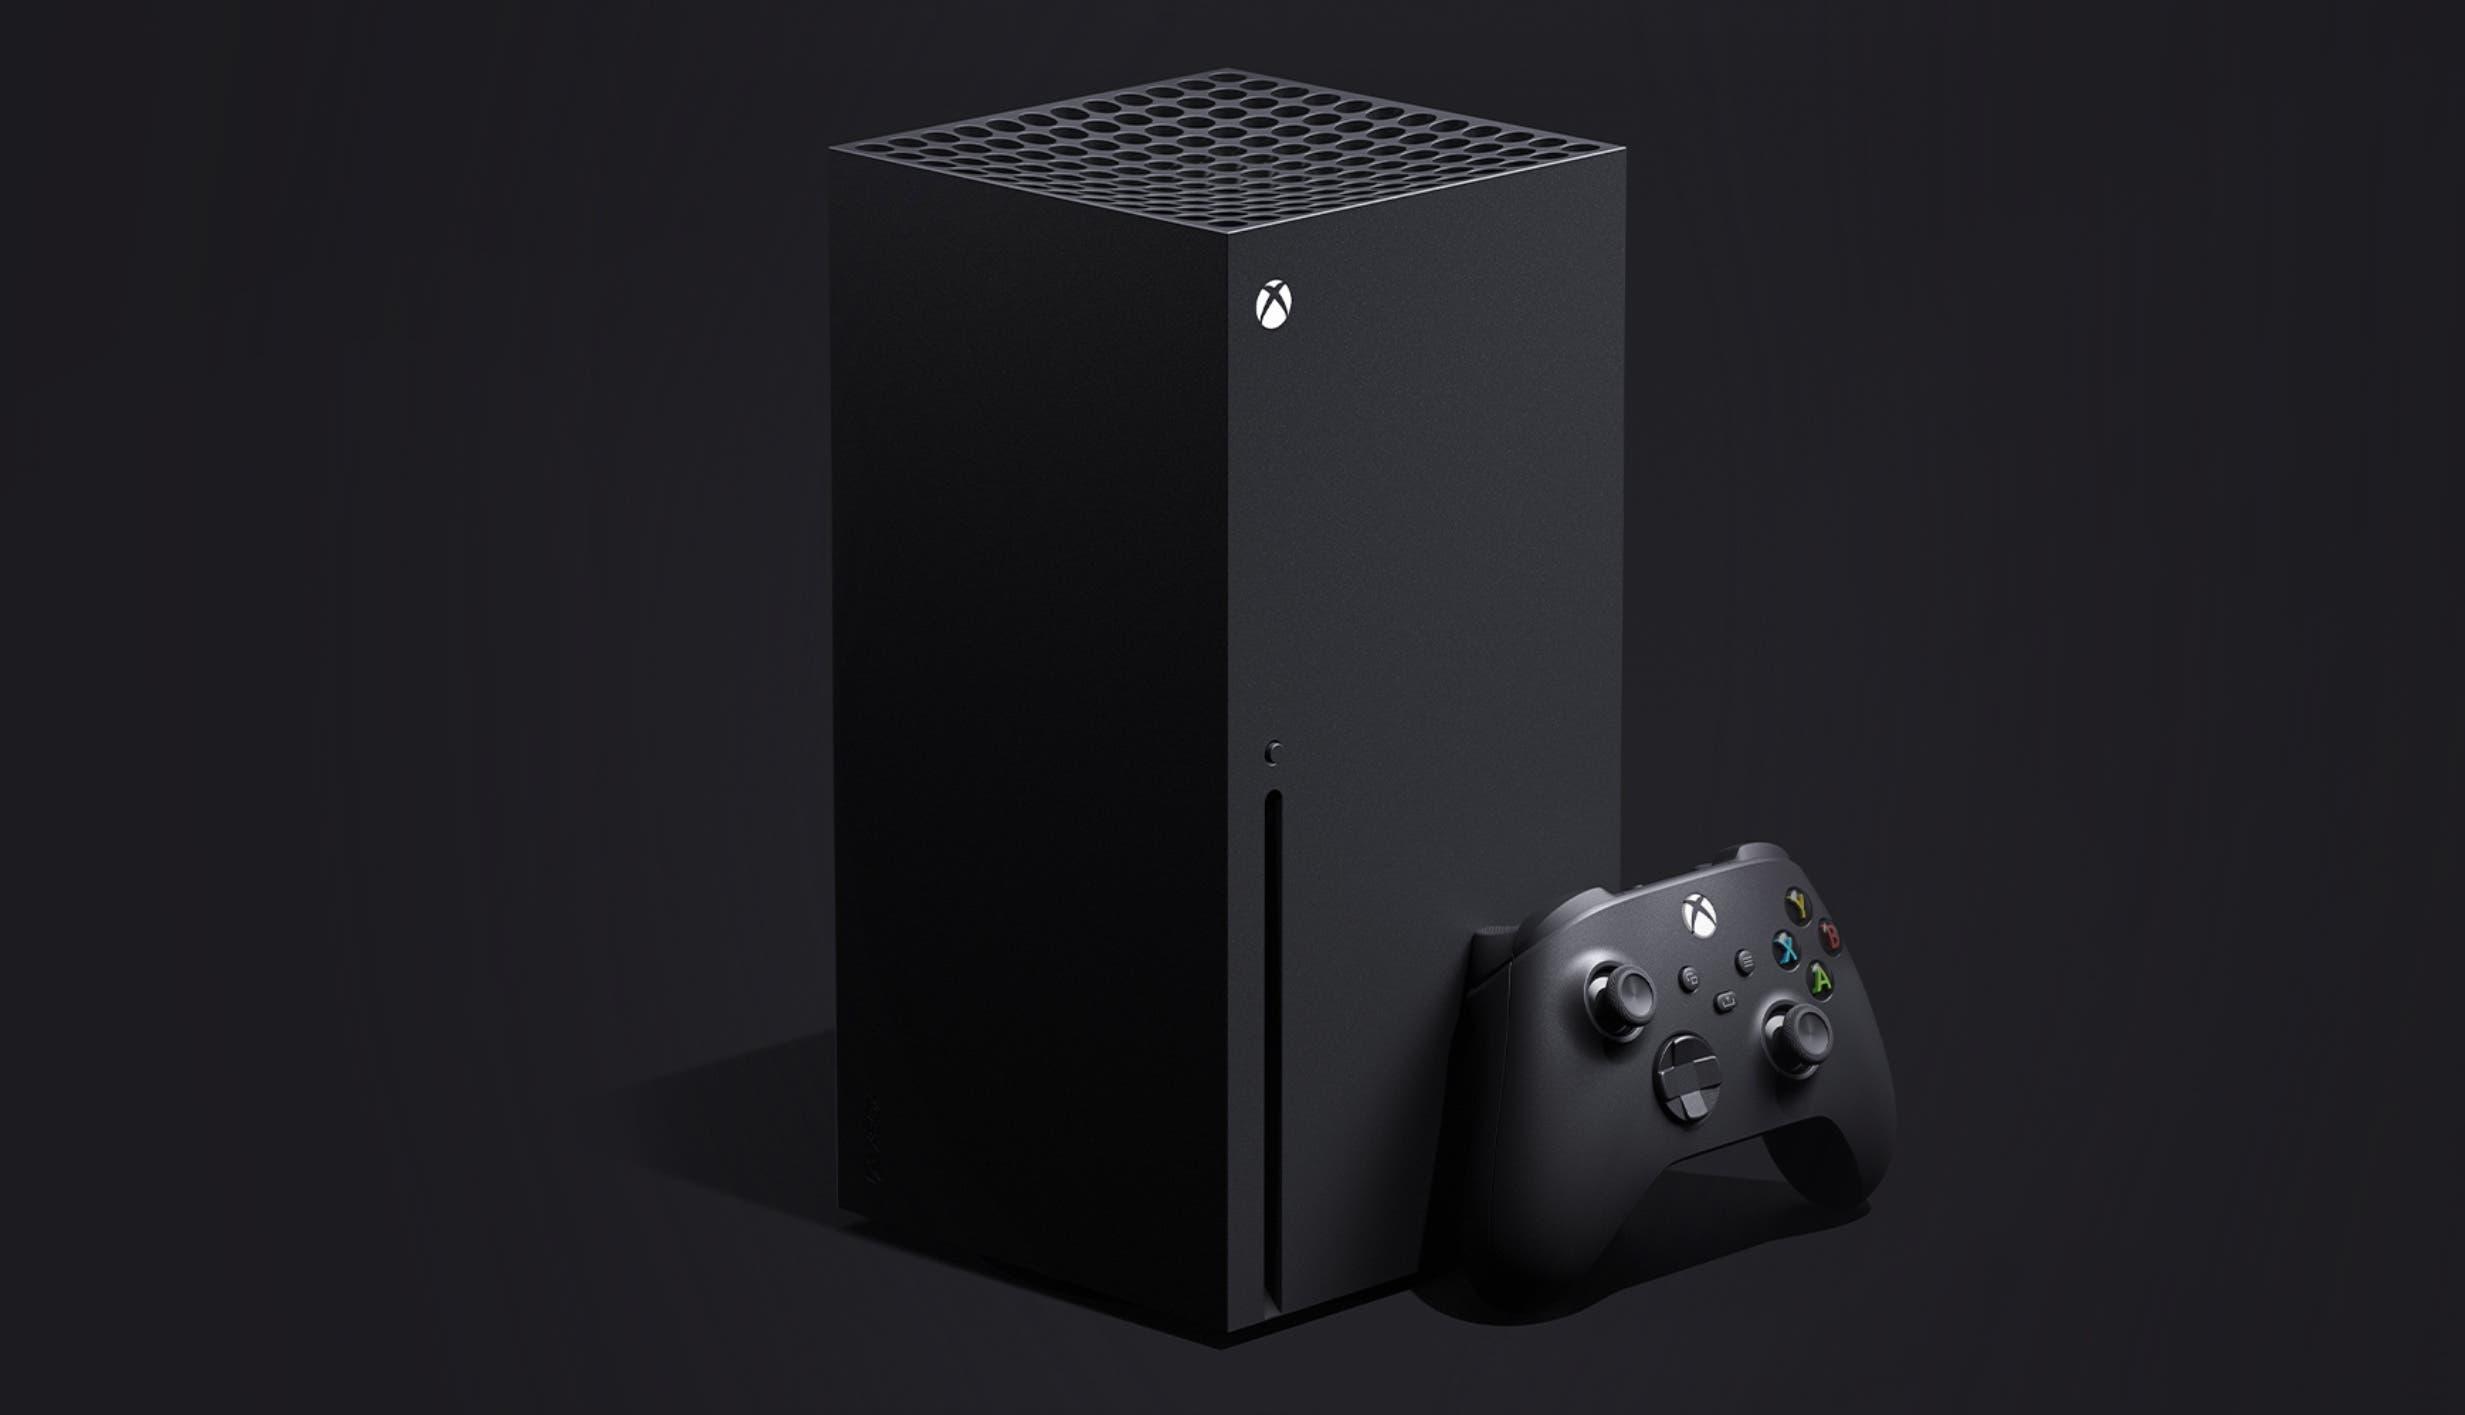 Microsoft confirma que habrá más unidades de Xbox Series X el 10 de noviembre 6